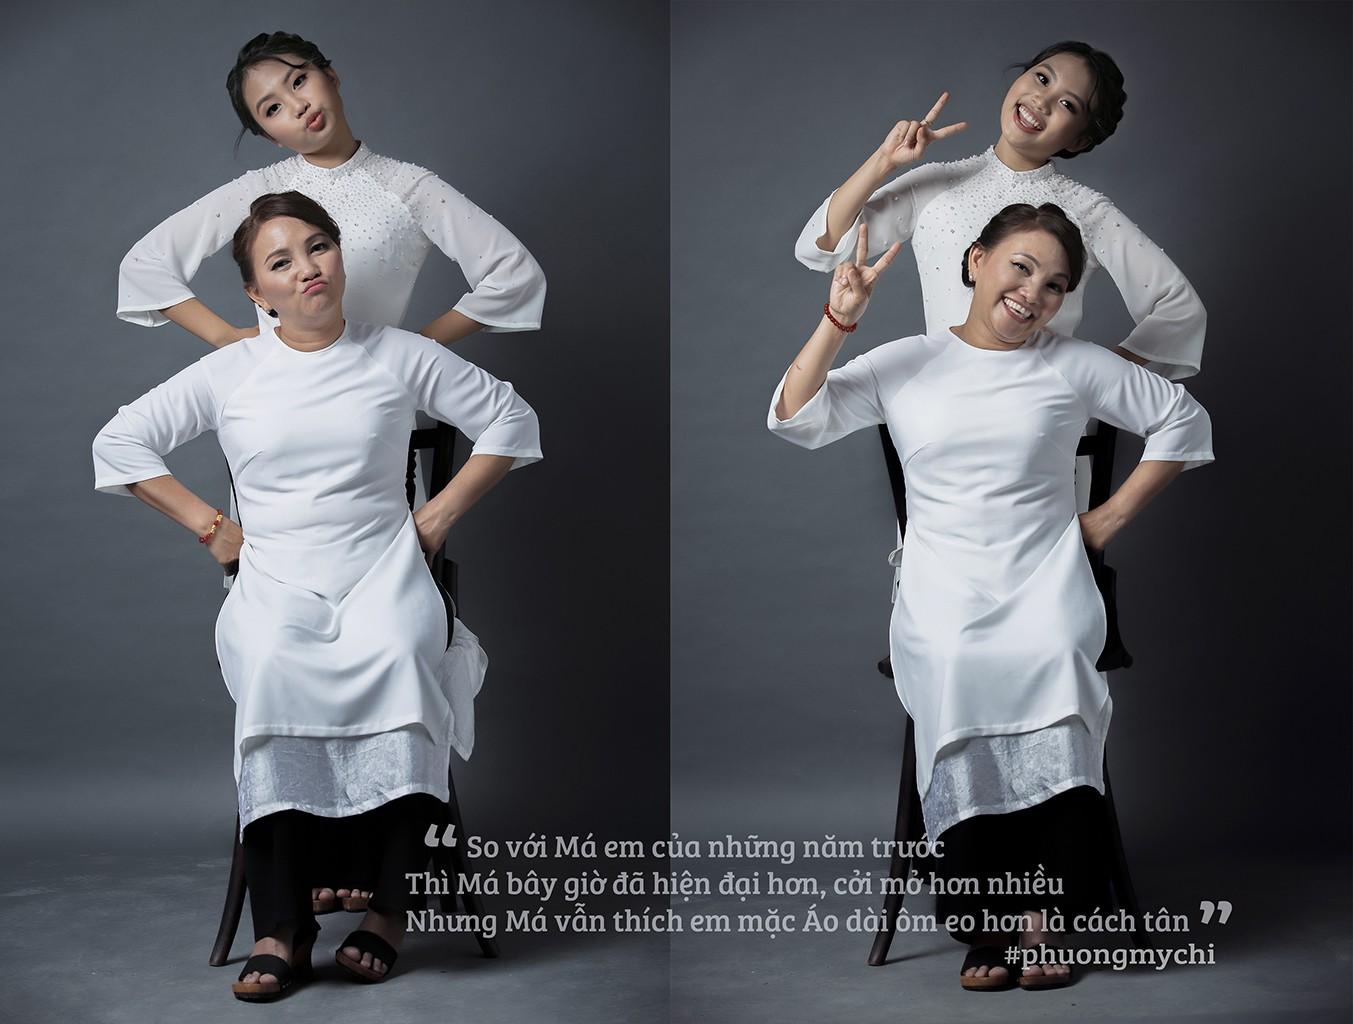 Phương Mỹ Chi tung bộ ảnh cùng chia sẻ xúc động về mẹ nhân mùa Vu Lan báo hiếu - Ảnh 7.